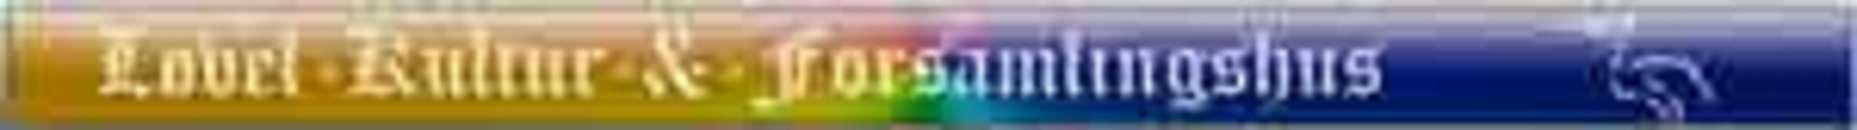 Løvel Kultur og Forsamlingshus logo